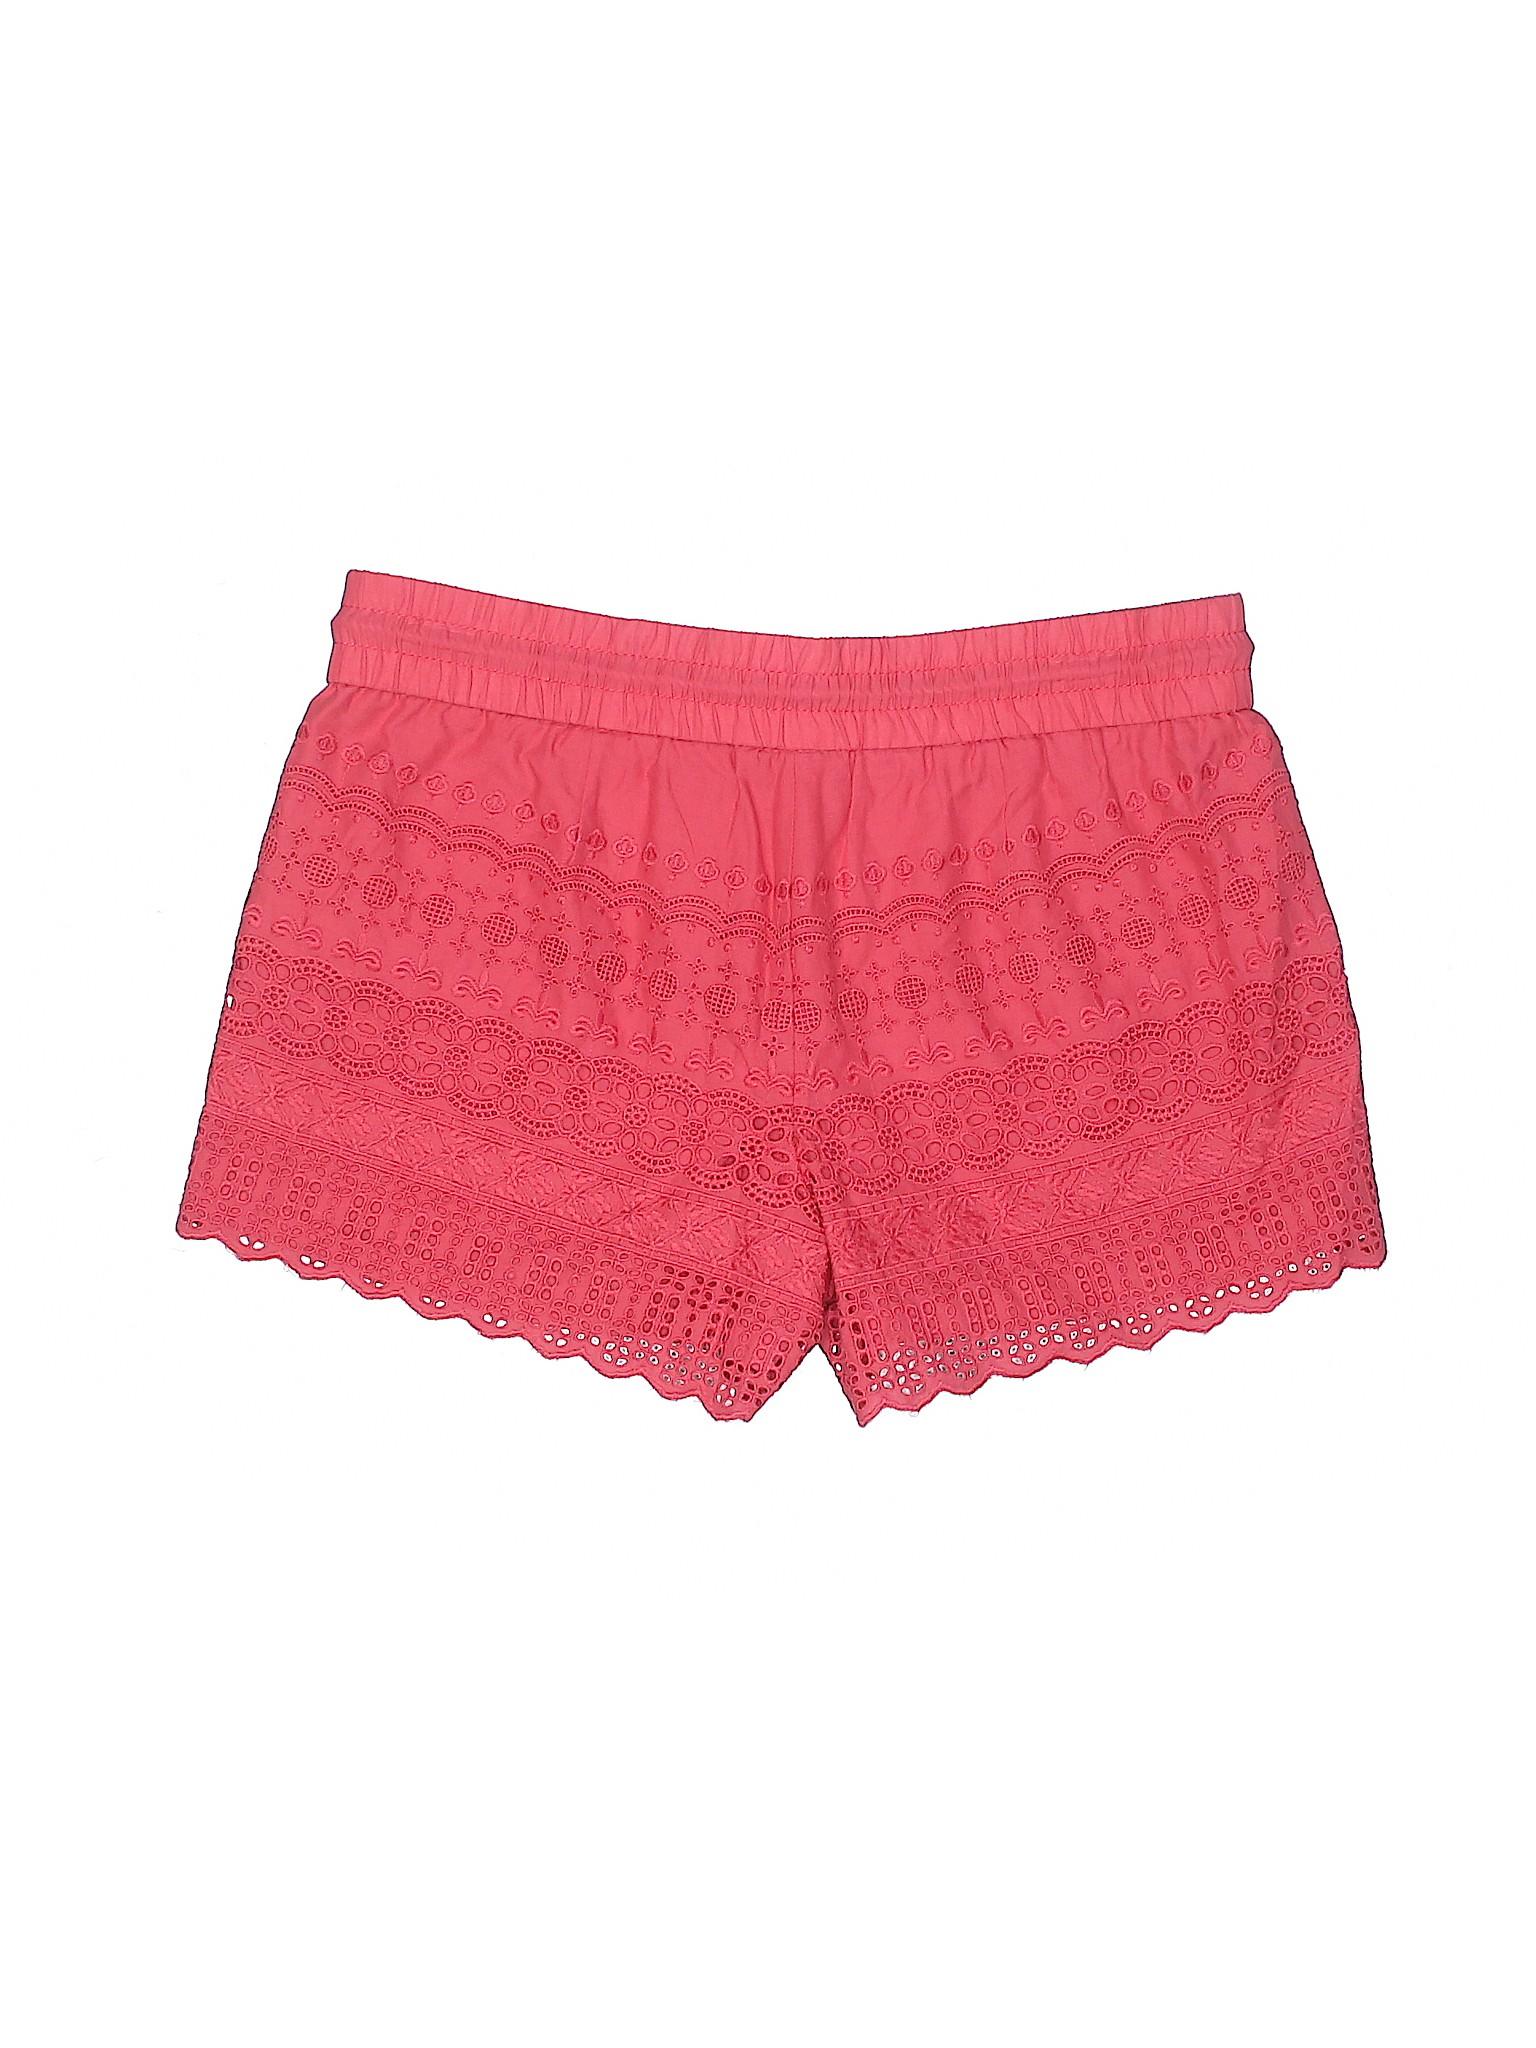 Taylor Boutique Boutique Shorts Taylor Ann Ann LOFT dEcq5w8dvx